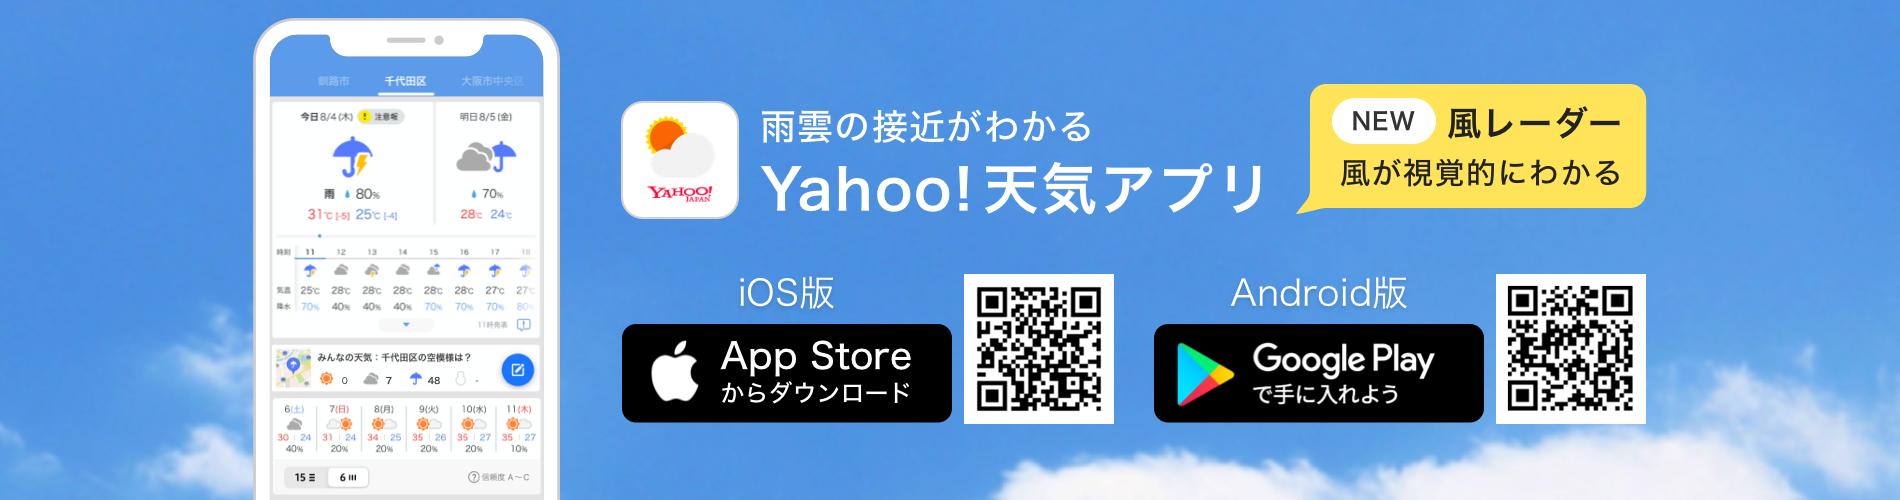 Yahoo!天気アプリをダウンロード